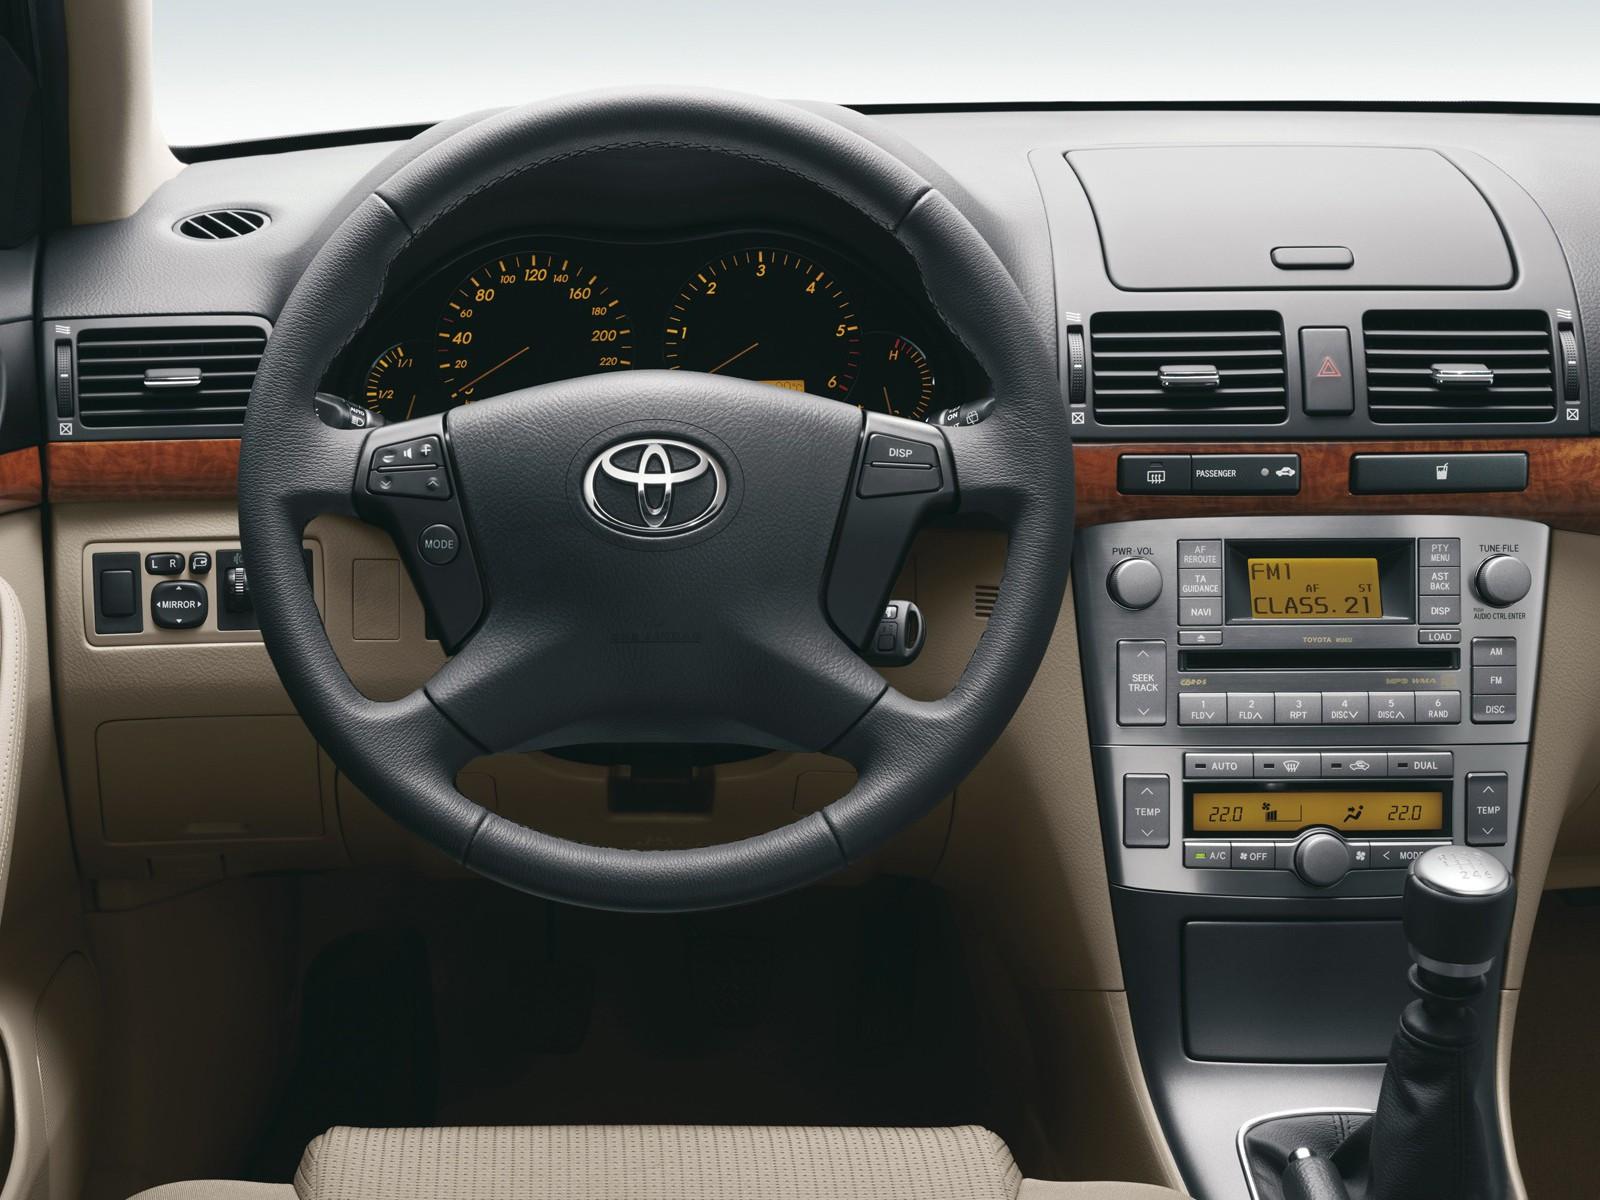 New Toyota Avensis 2017 >> TOYOTA Avensis - 2003, 2004, 2005, 2006 - autoevolution